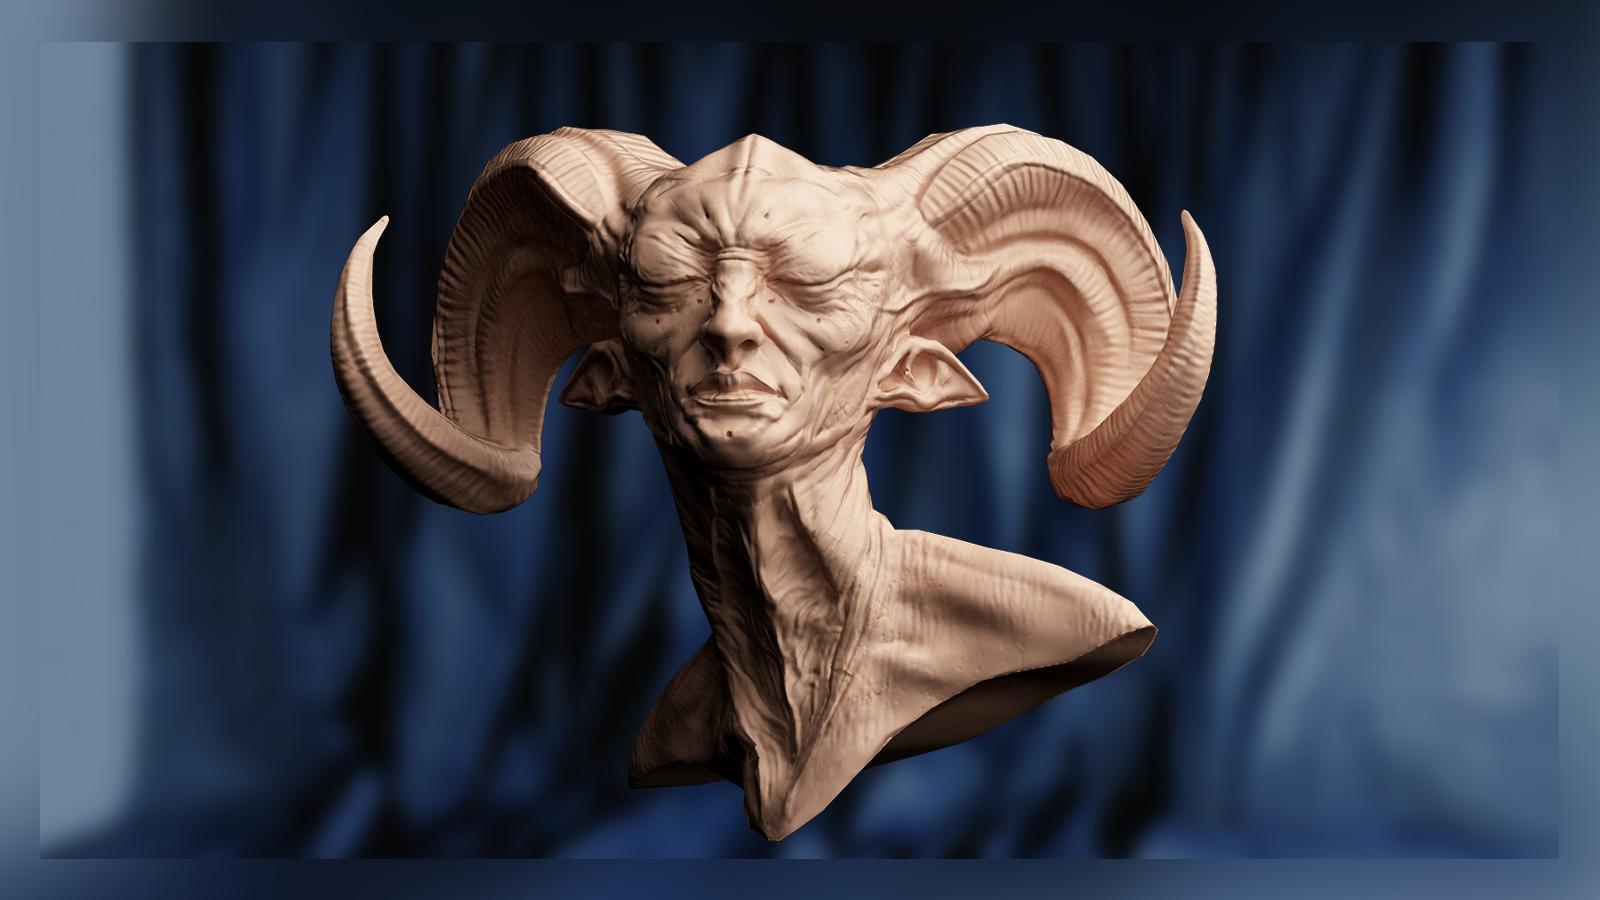 Bust Sculpt Recreation